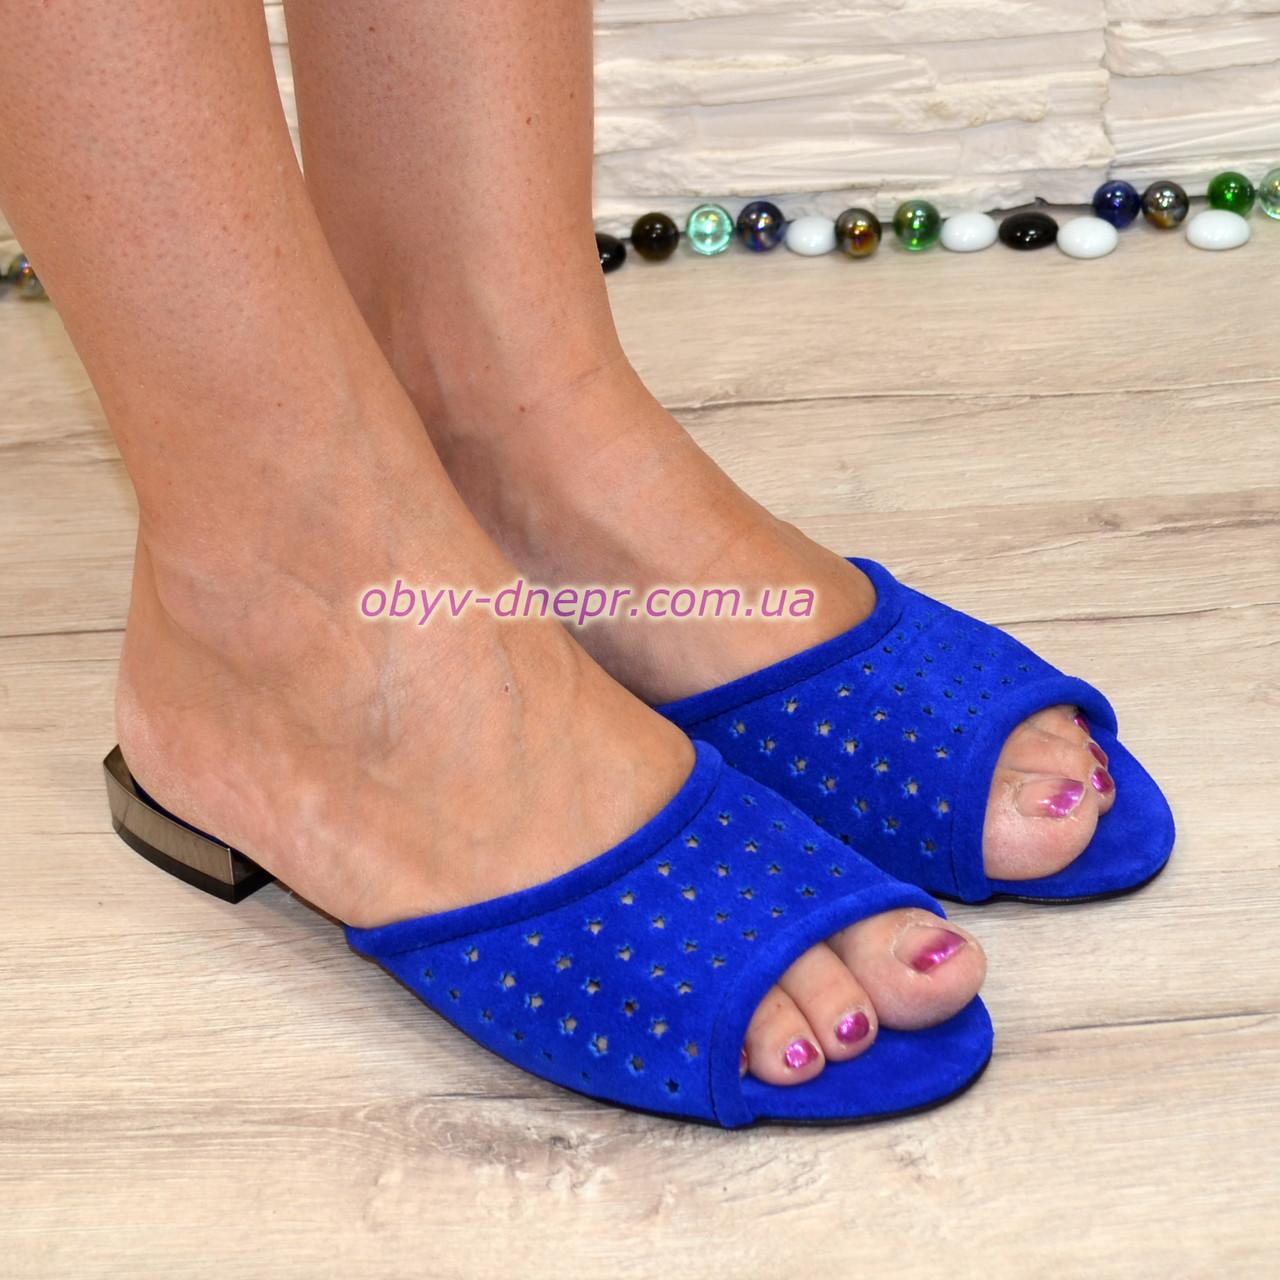 Женские замшевые шлепанцы на маленьком каблуке, цвет электрик